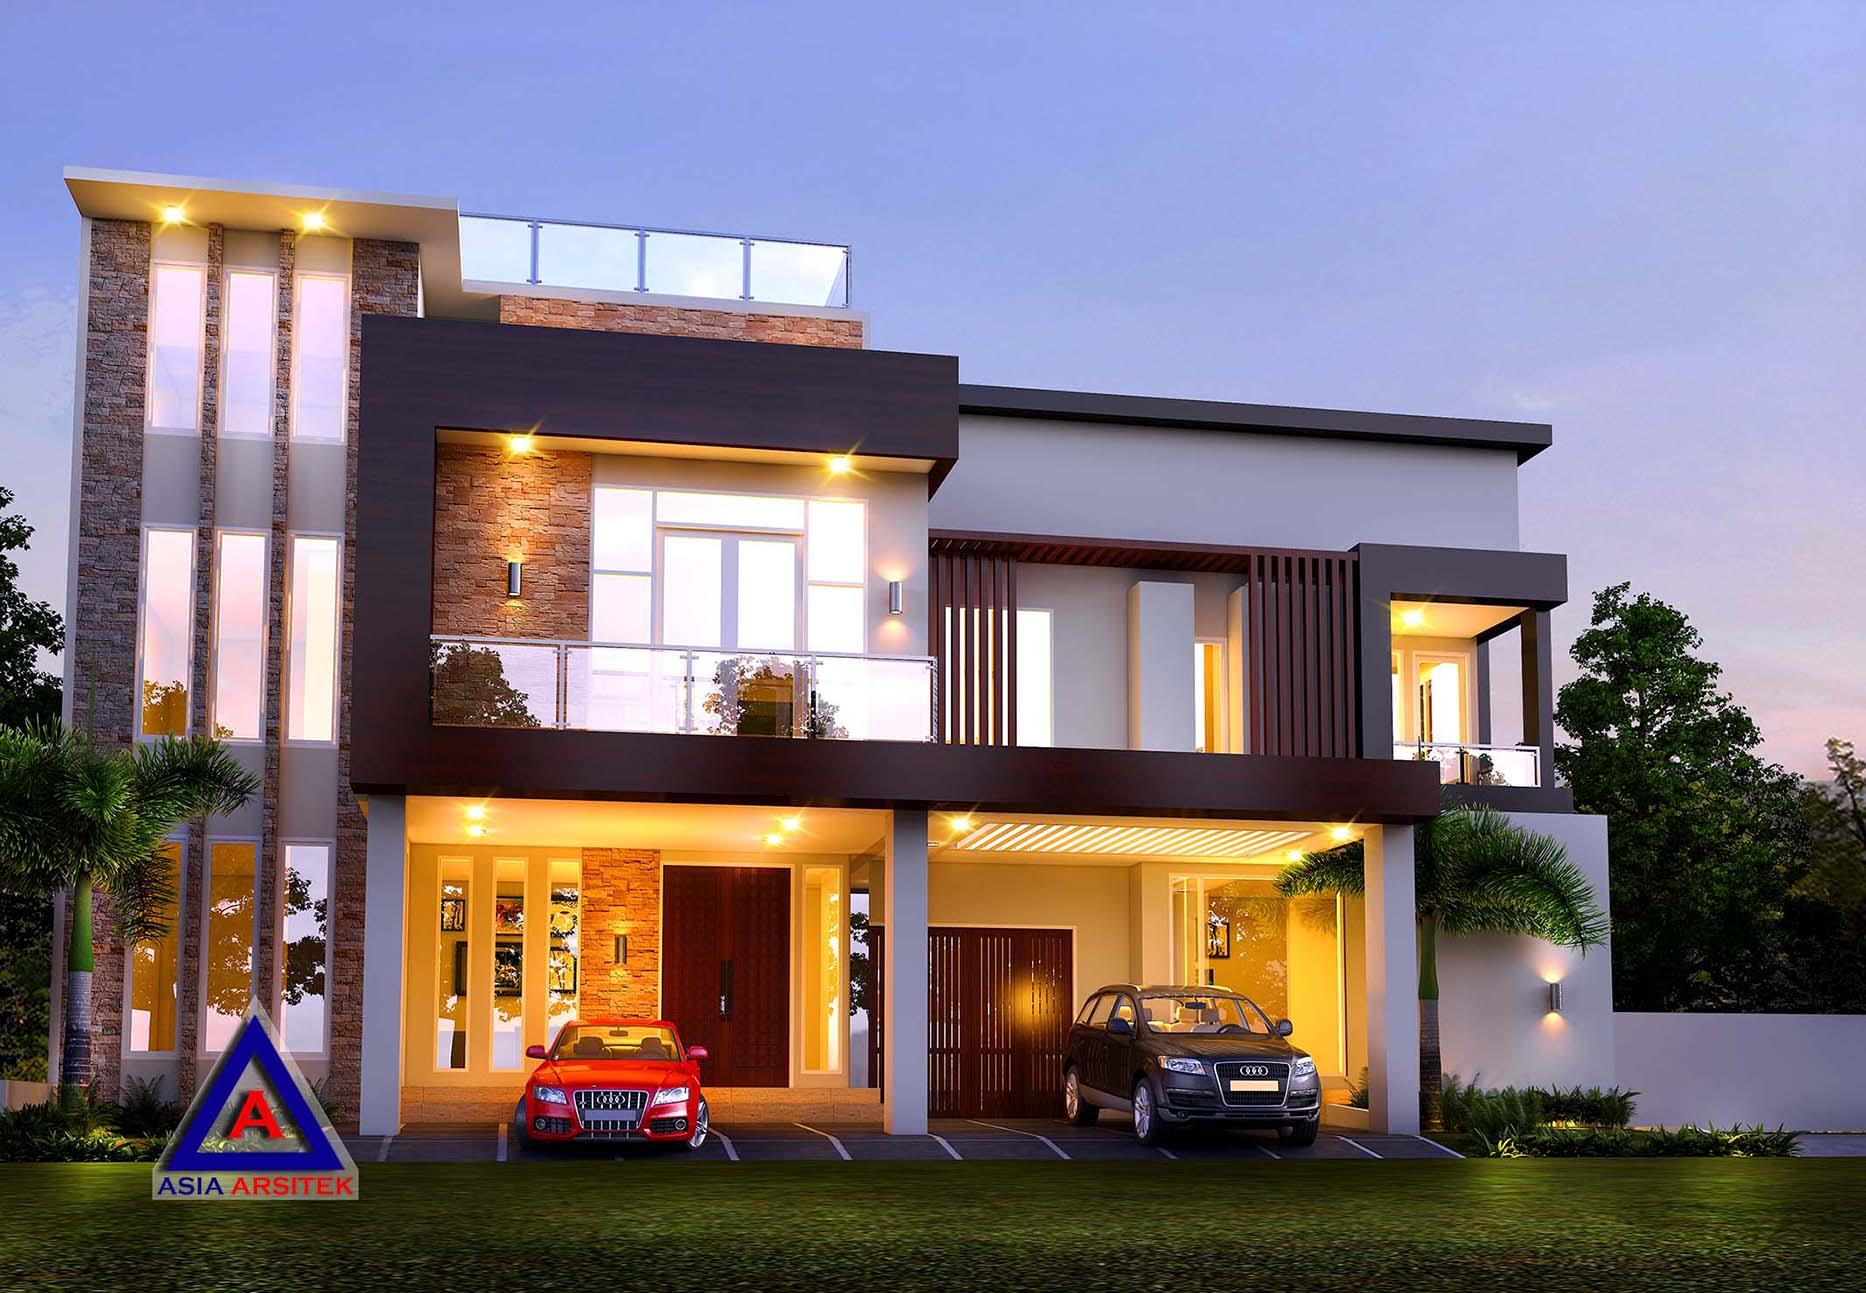 Jasa Desain Arsitek Rumah Minimalis Modern Di Tangerang Jasa Arsitek Jakarta Tangerang Depok Bandung Bekasi Surabaya